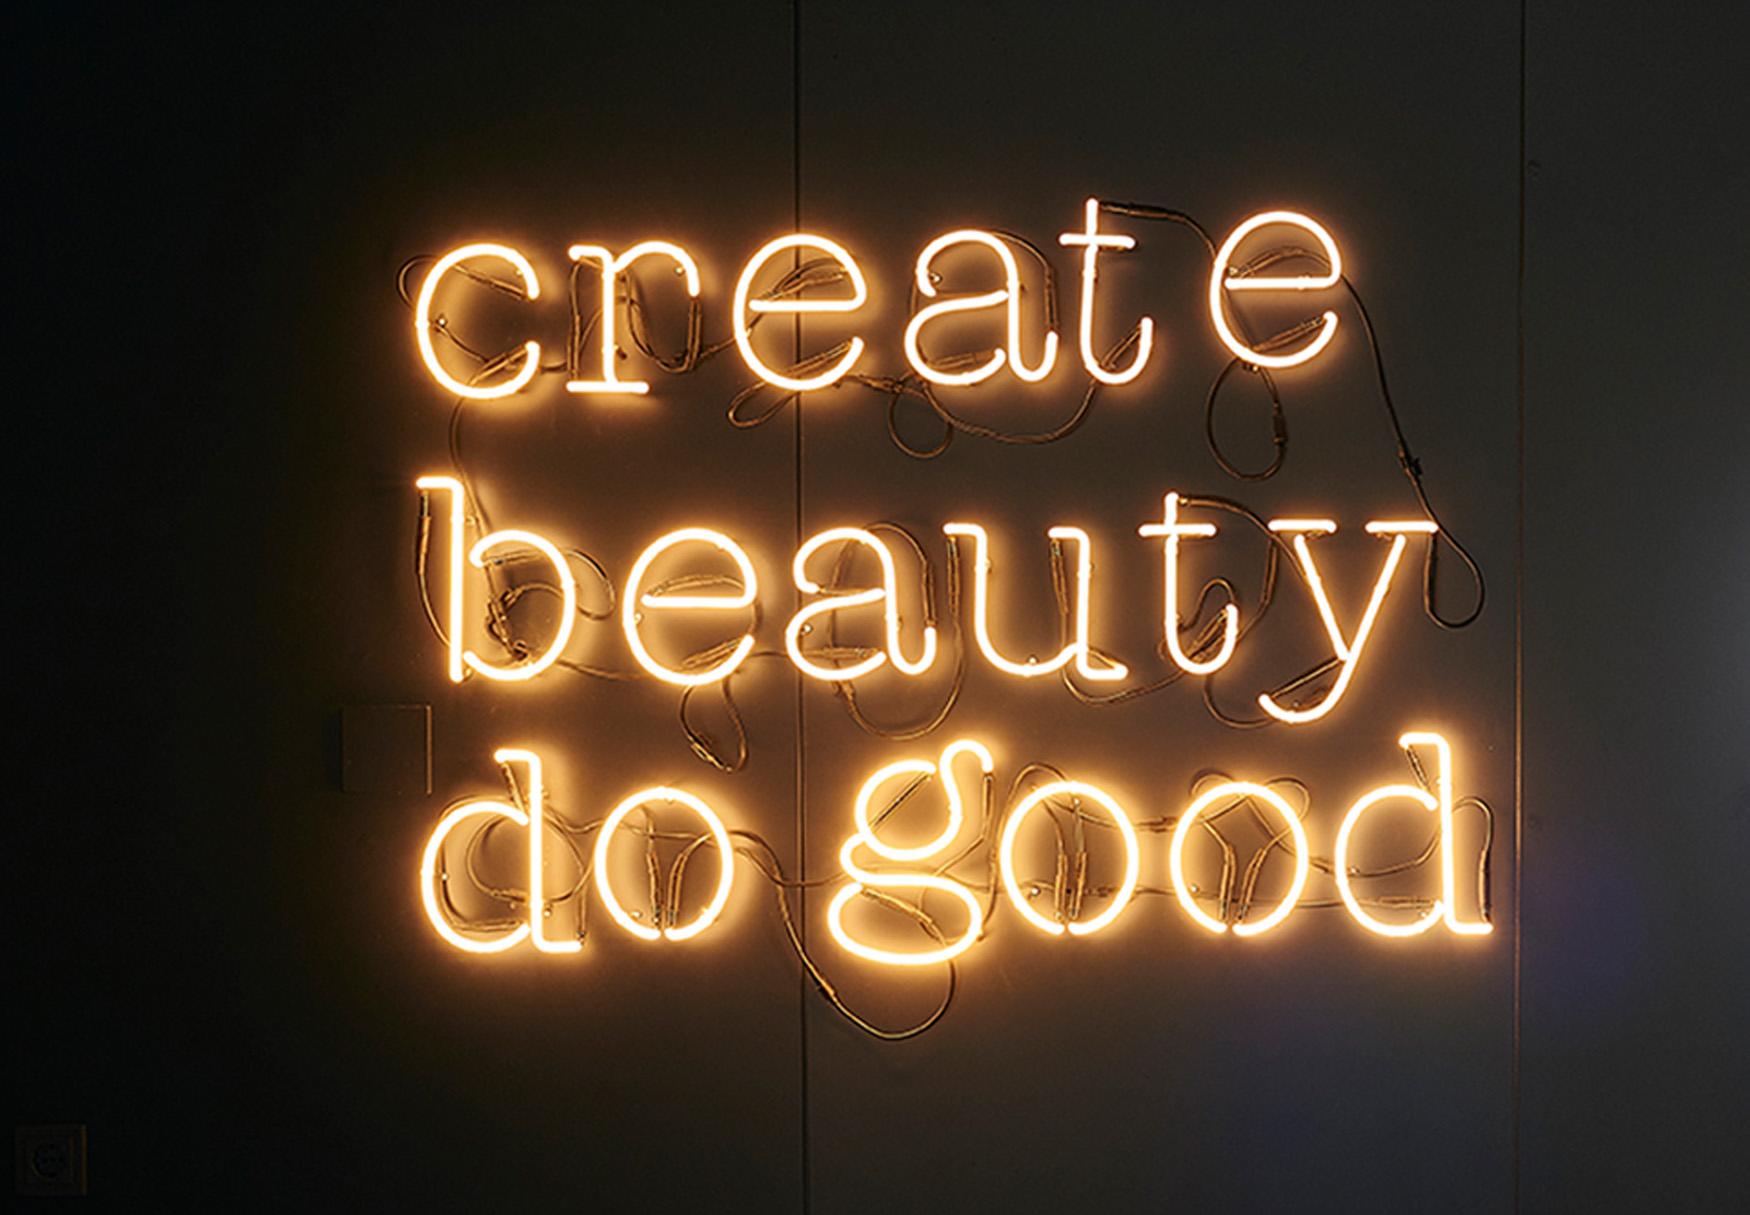 BLOOEY_Remko Verhaagen_create beauty do good.jpg